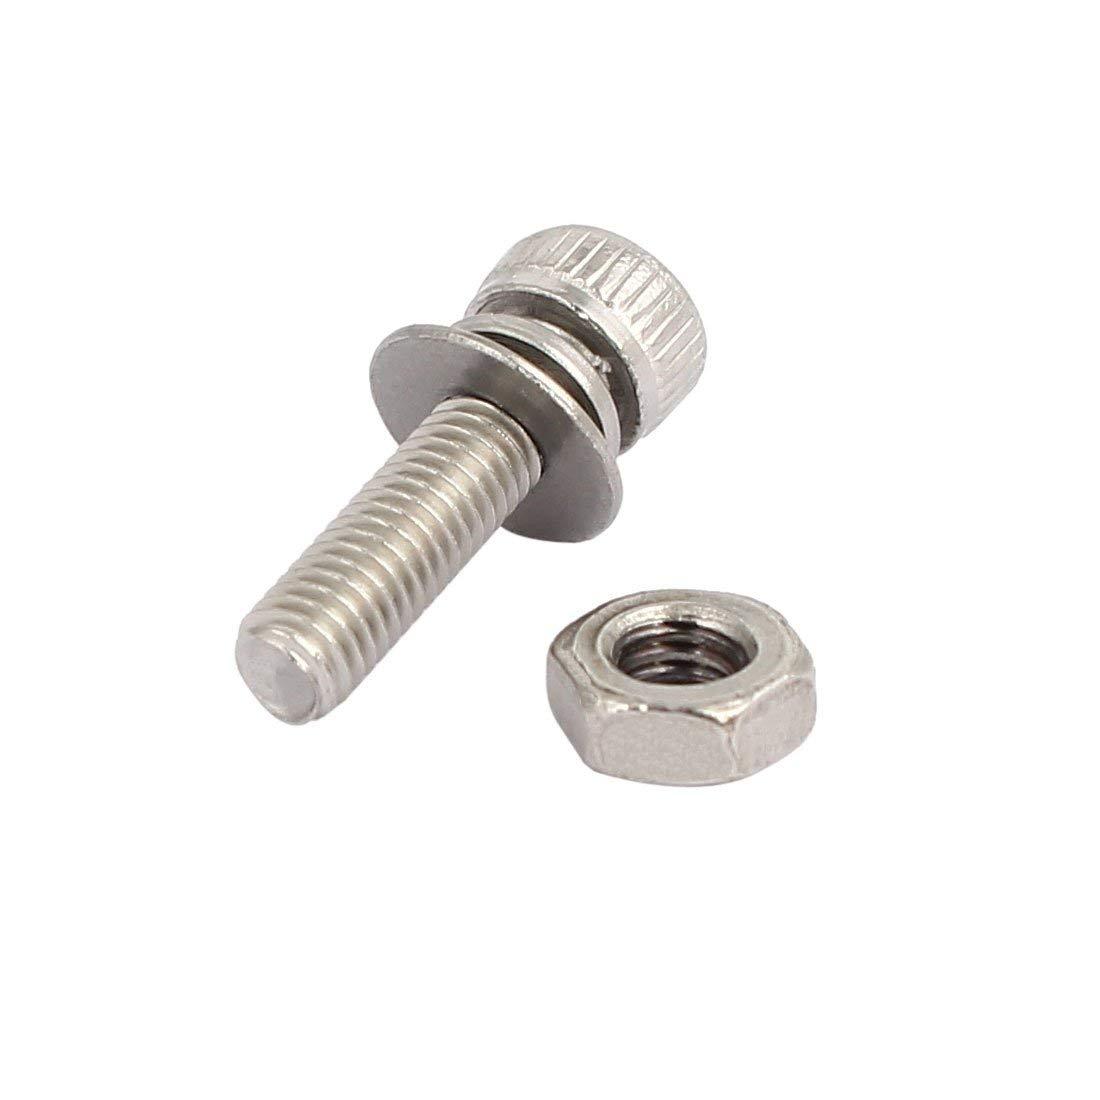 M3x12mm acier inox 304 vis t/ête Hex vis rondelle 25 sets